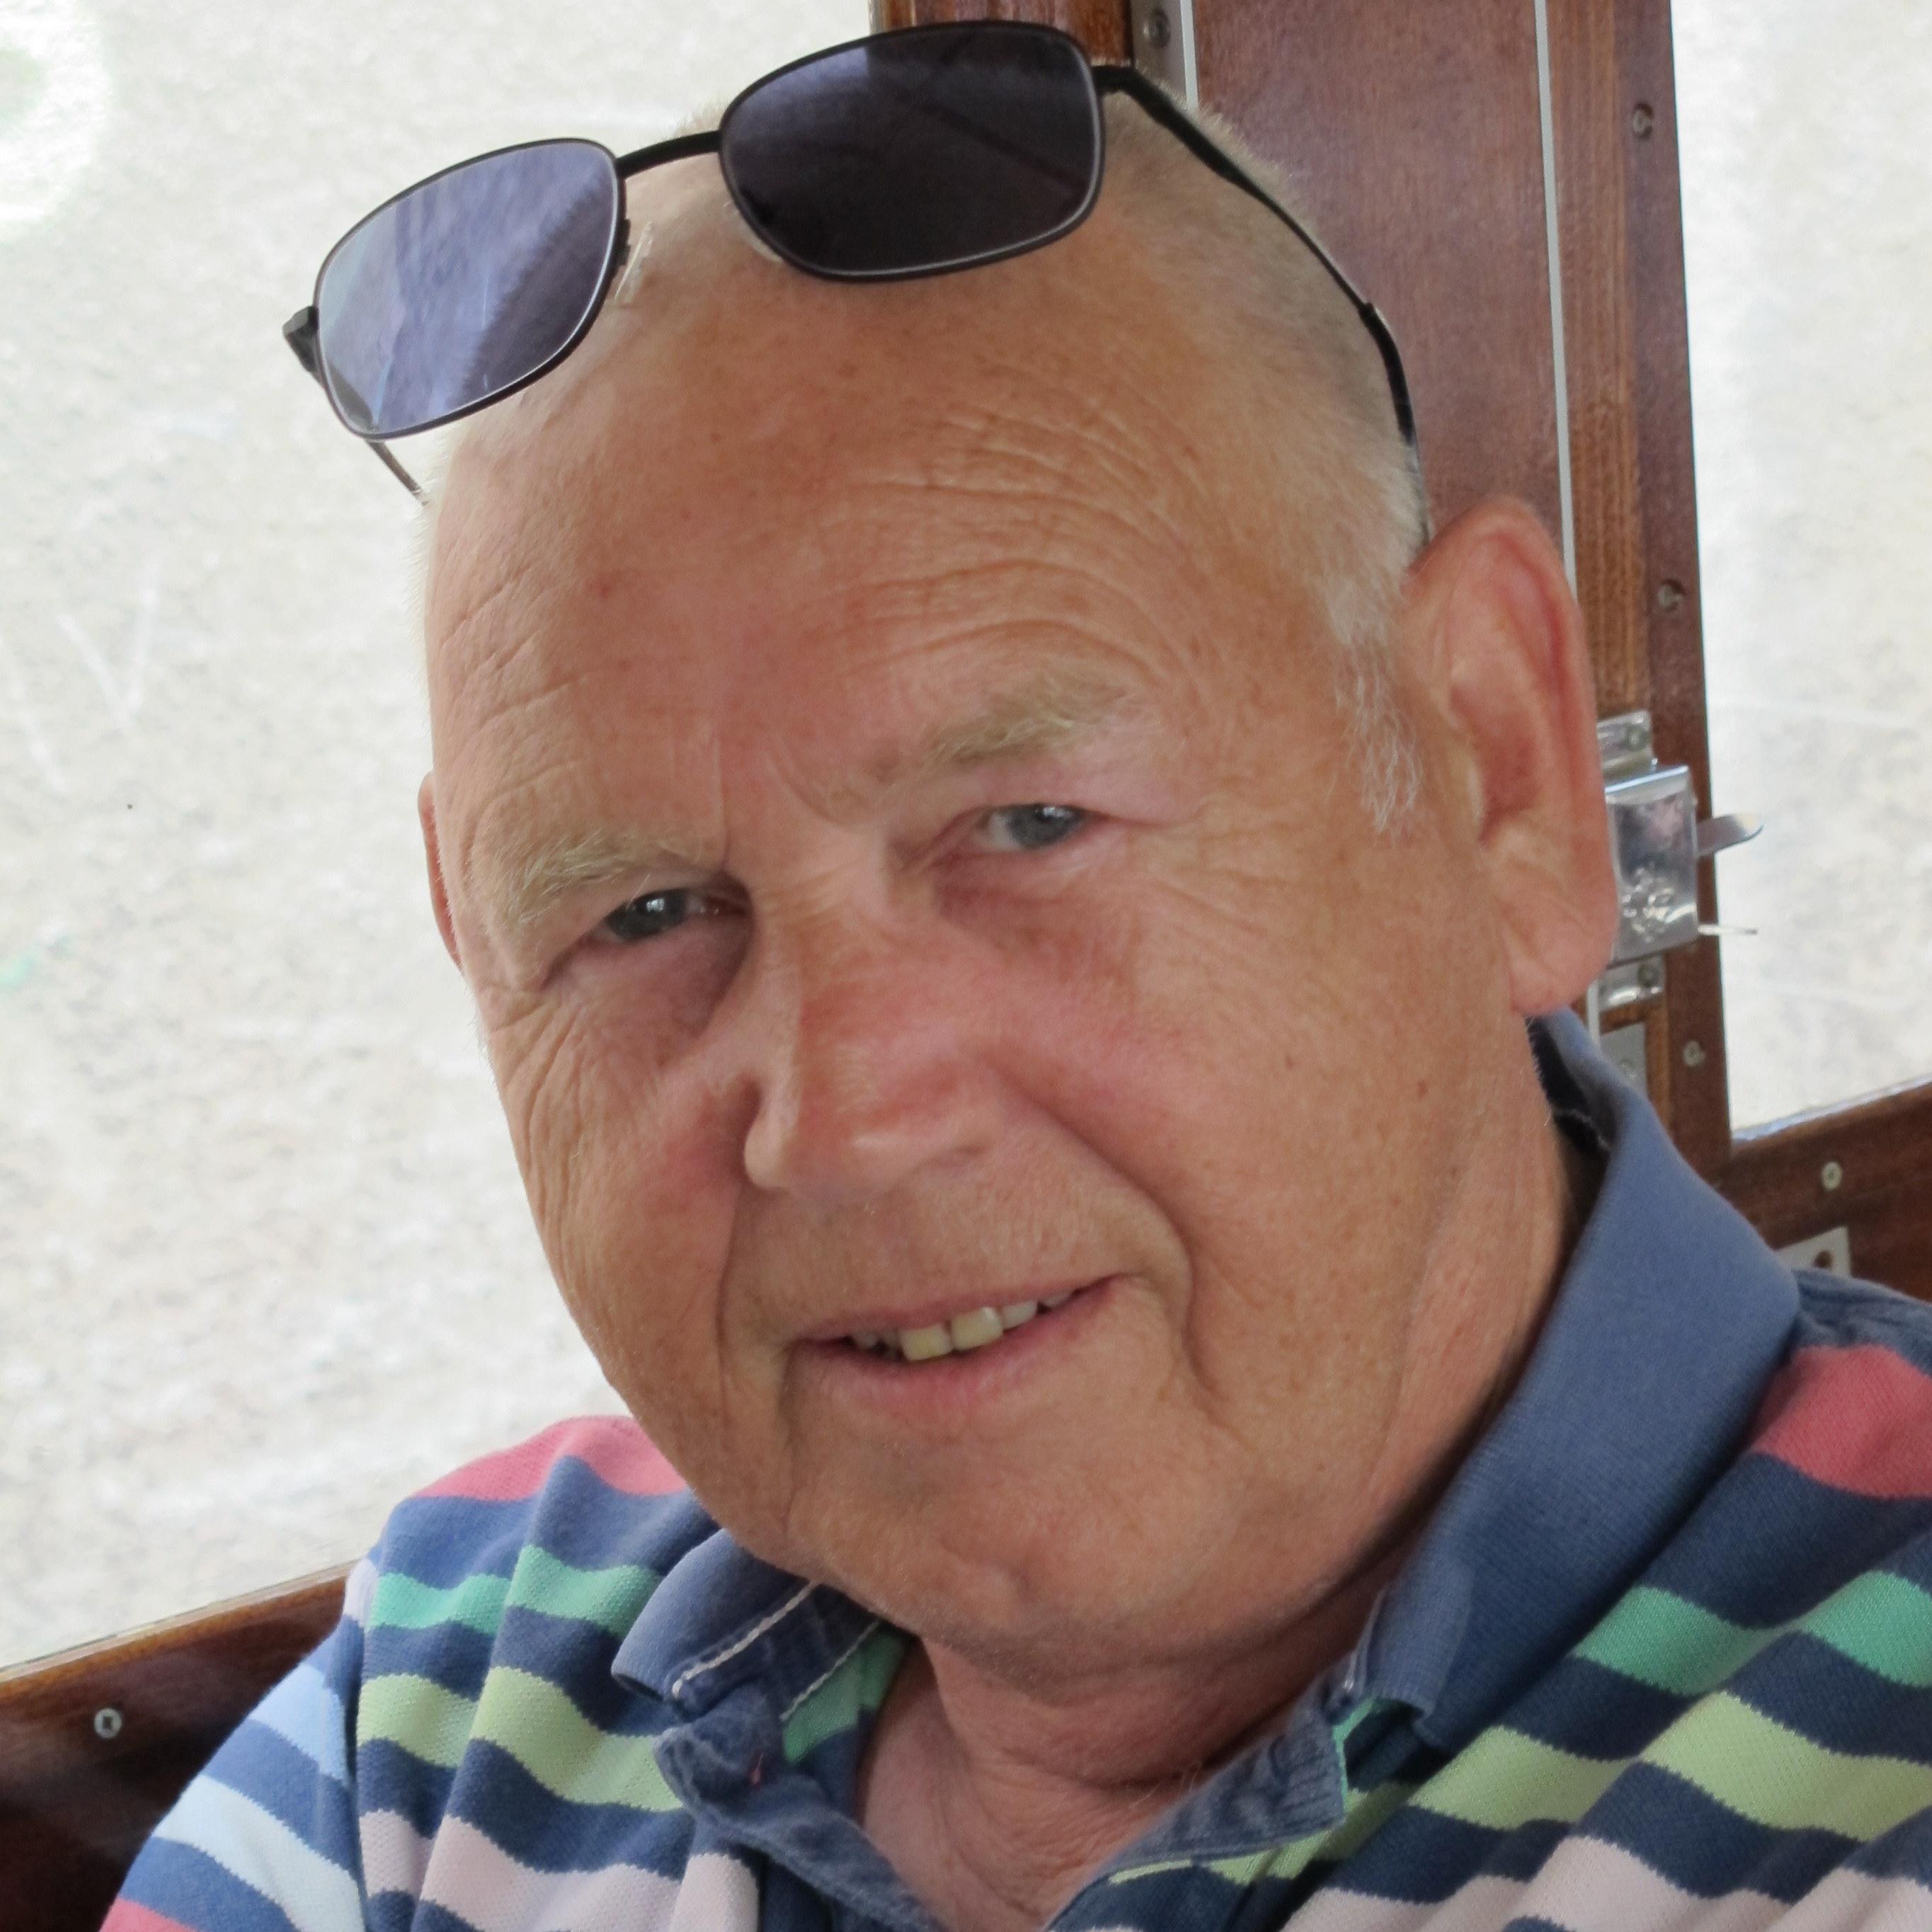 Knut Mjøs